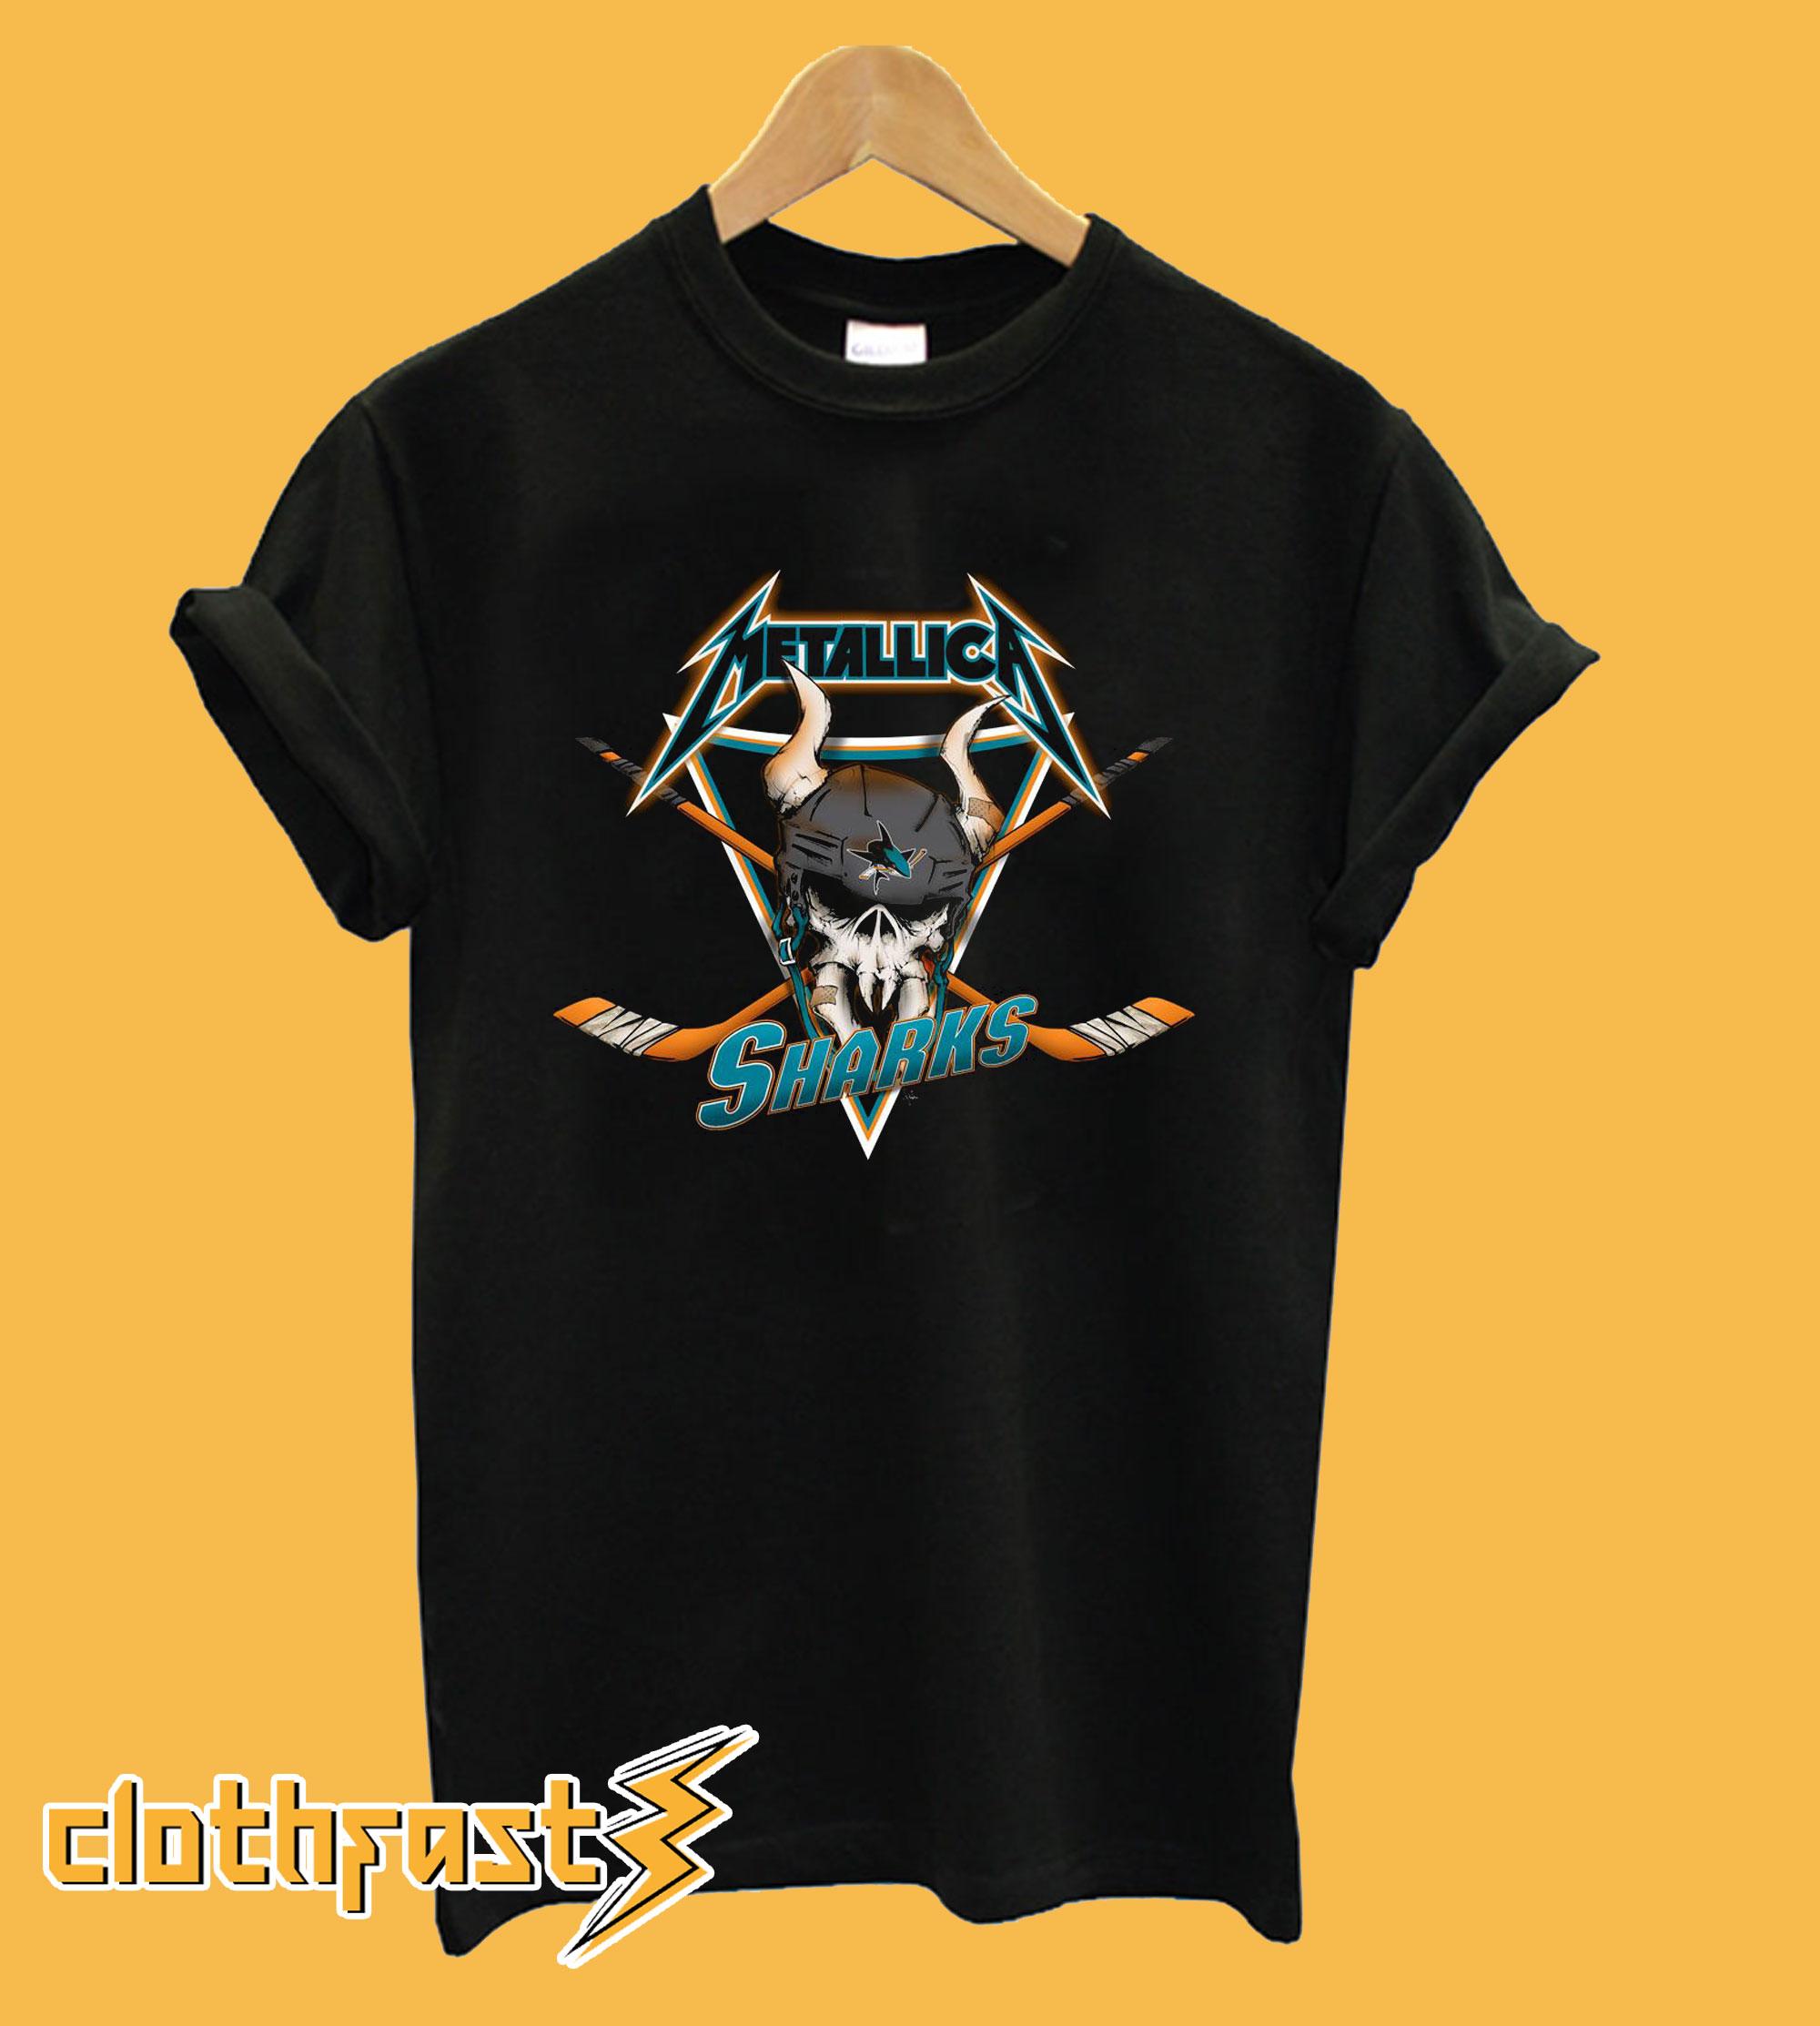 Metallica San Jose Sharks T-Shirt.